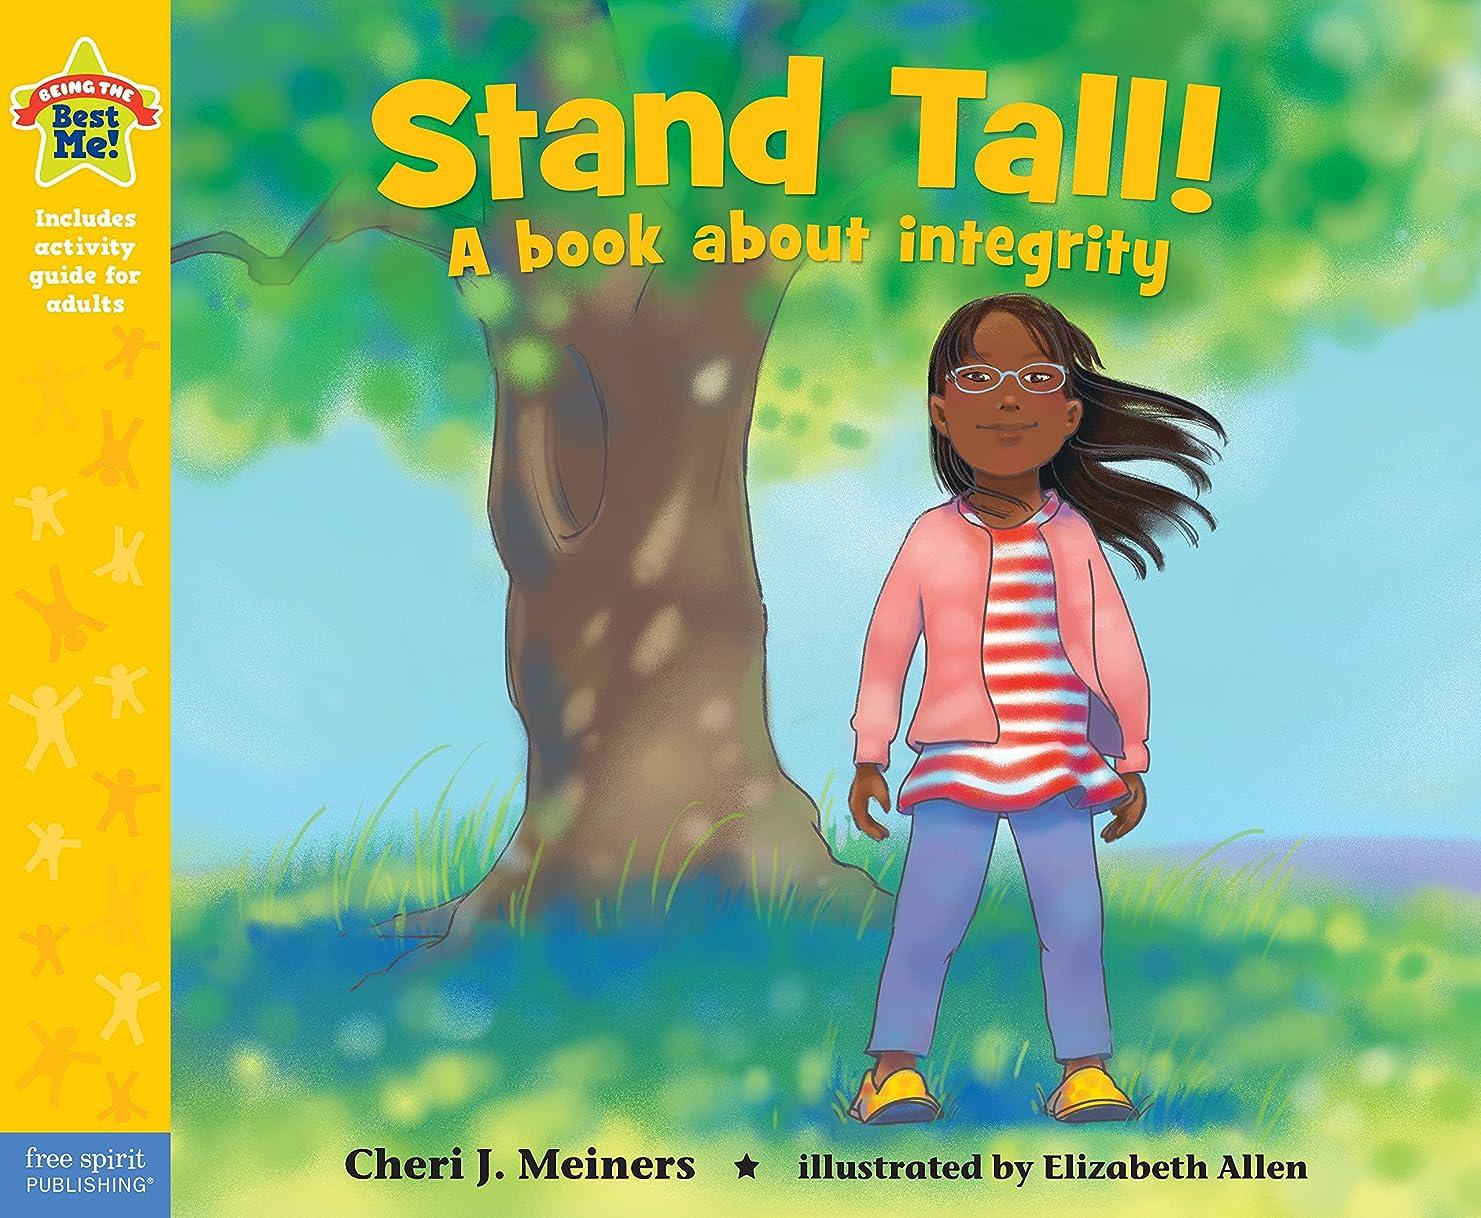 エンティティ路面電車静かなStand Tall!: A book about integrity (Being the Best Me Series) (English Edition)